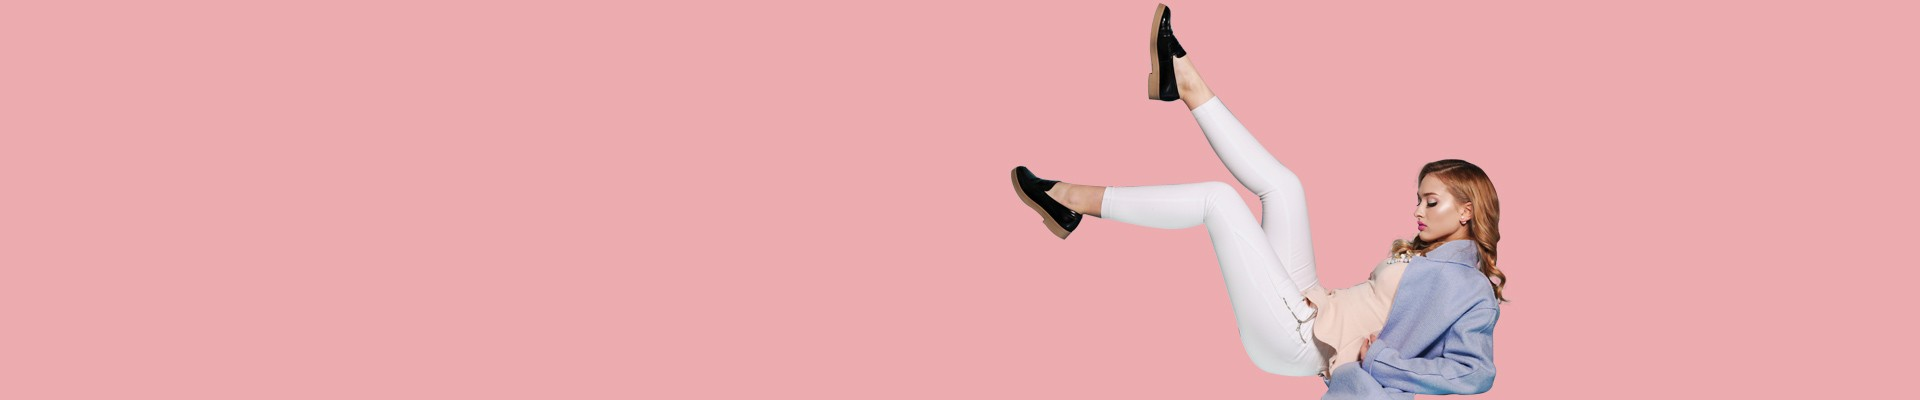 Jual Celana Panjang Wanita Model Terbaru Online